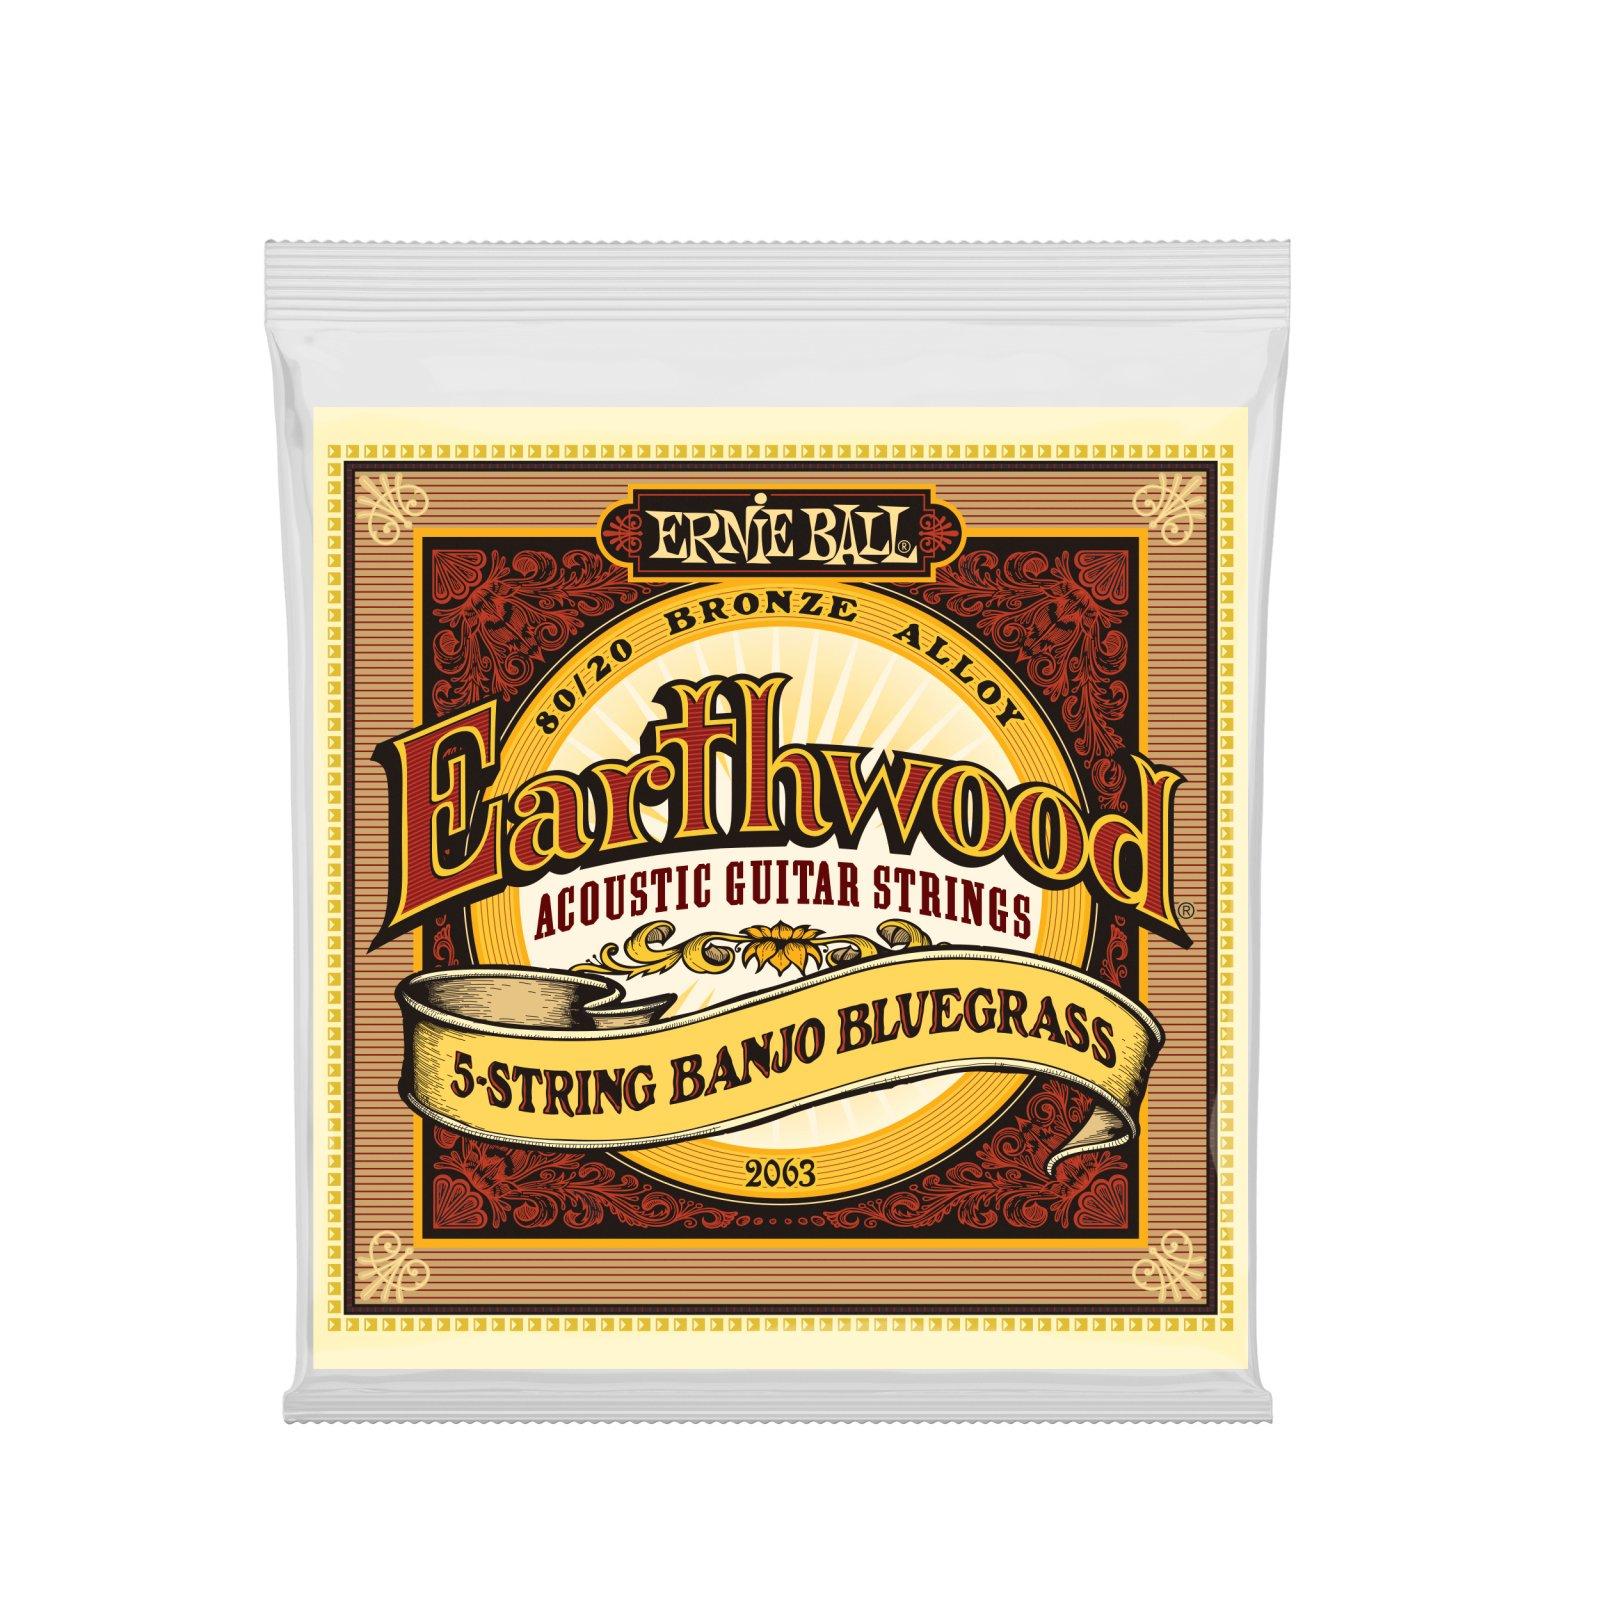 Earthwood 5-String Banjo - Bluegrass 80/20 Bronze - Loop End